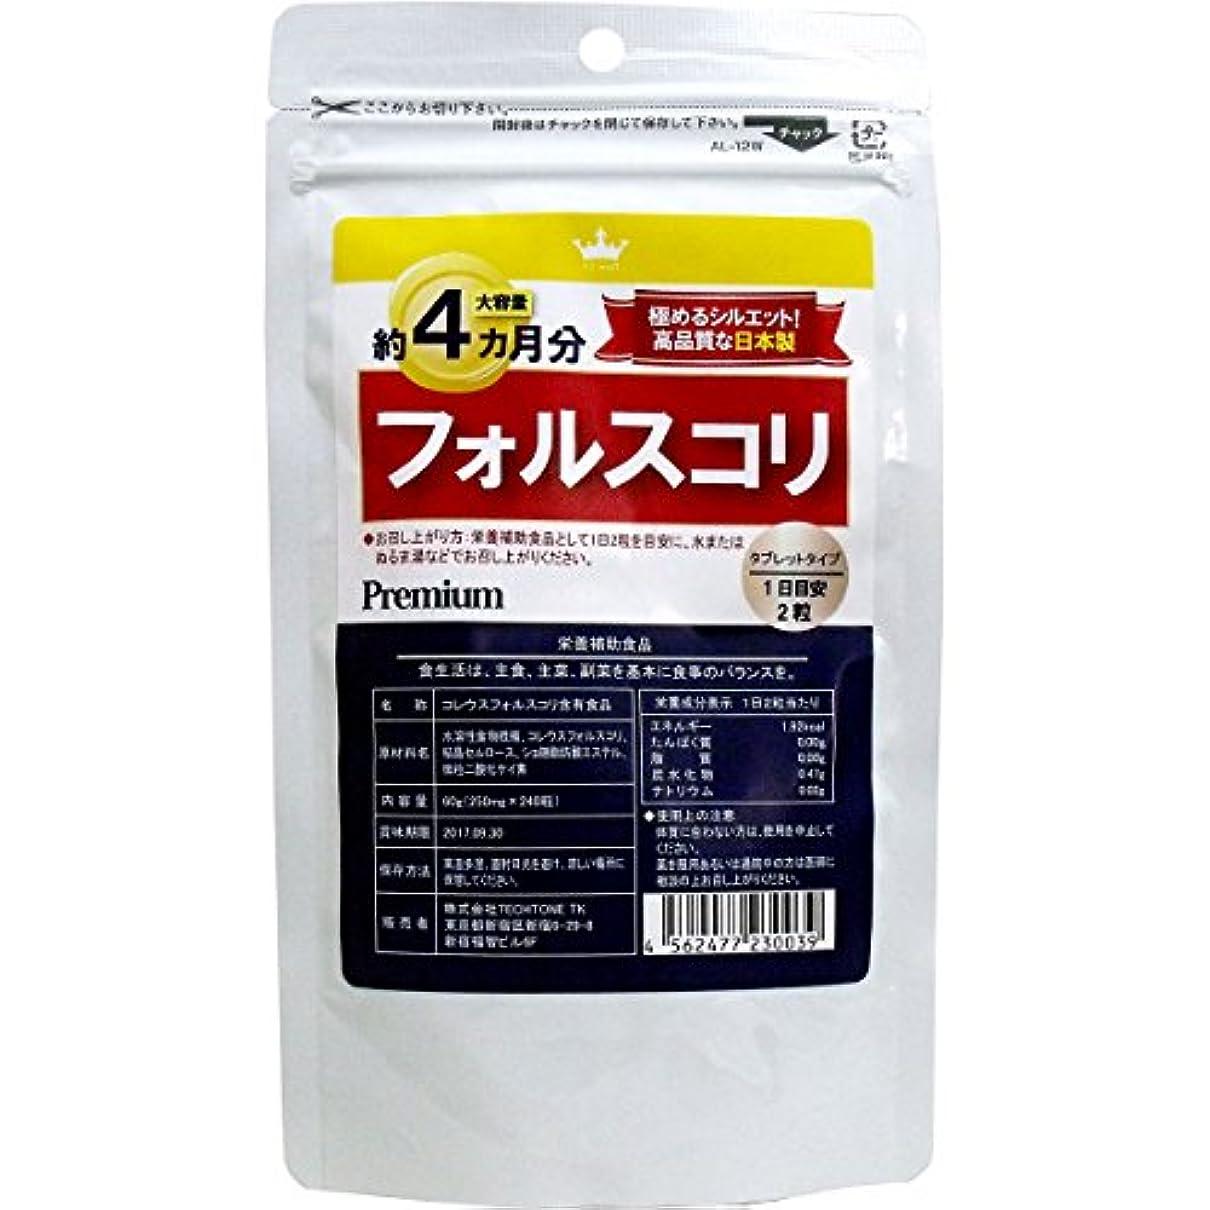 望む落ち着いた牛サプリ 高品質な日本製 話題の フォルスコリ 約4カ月分 240粒入【5個セット】